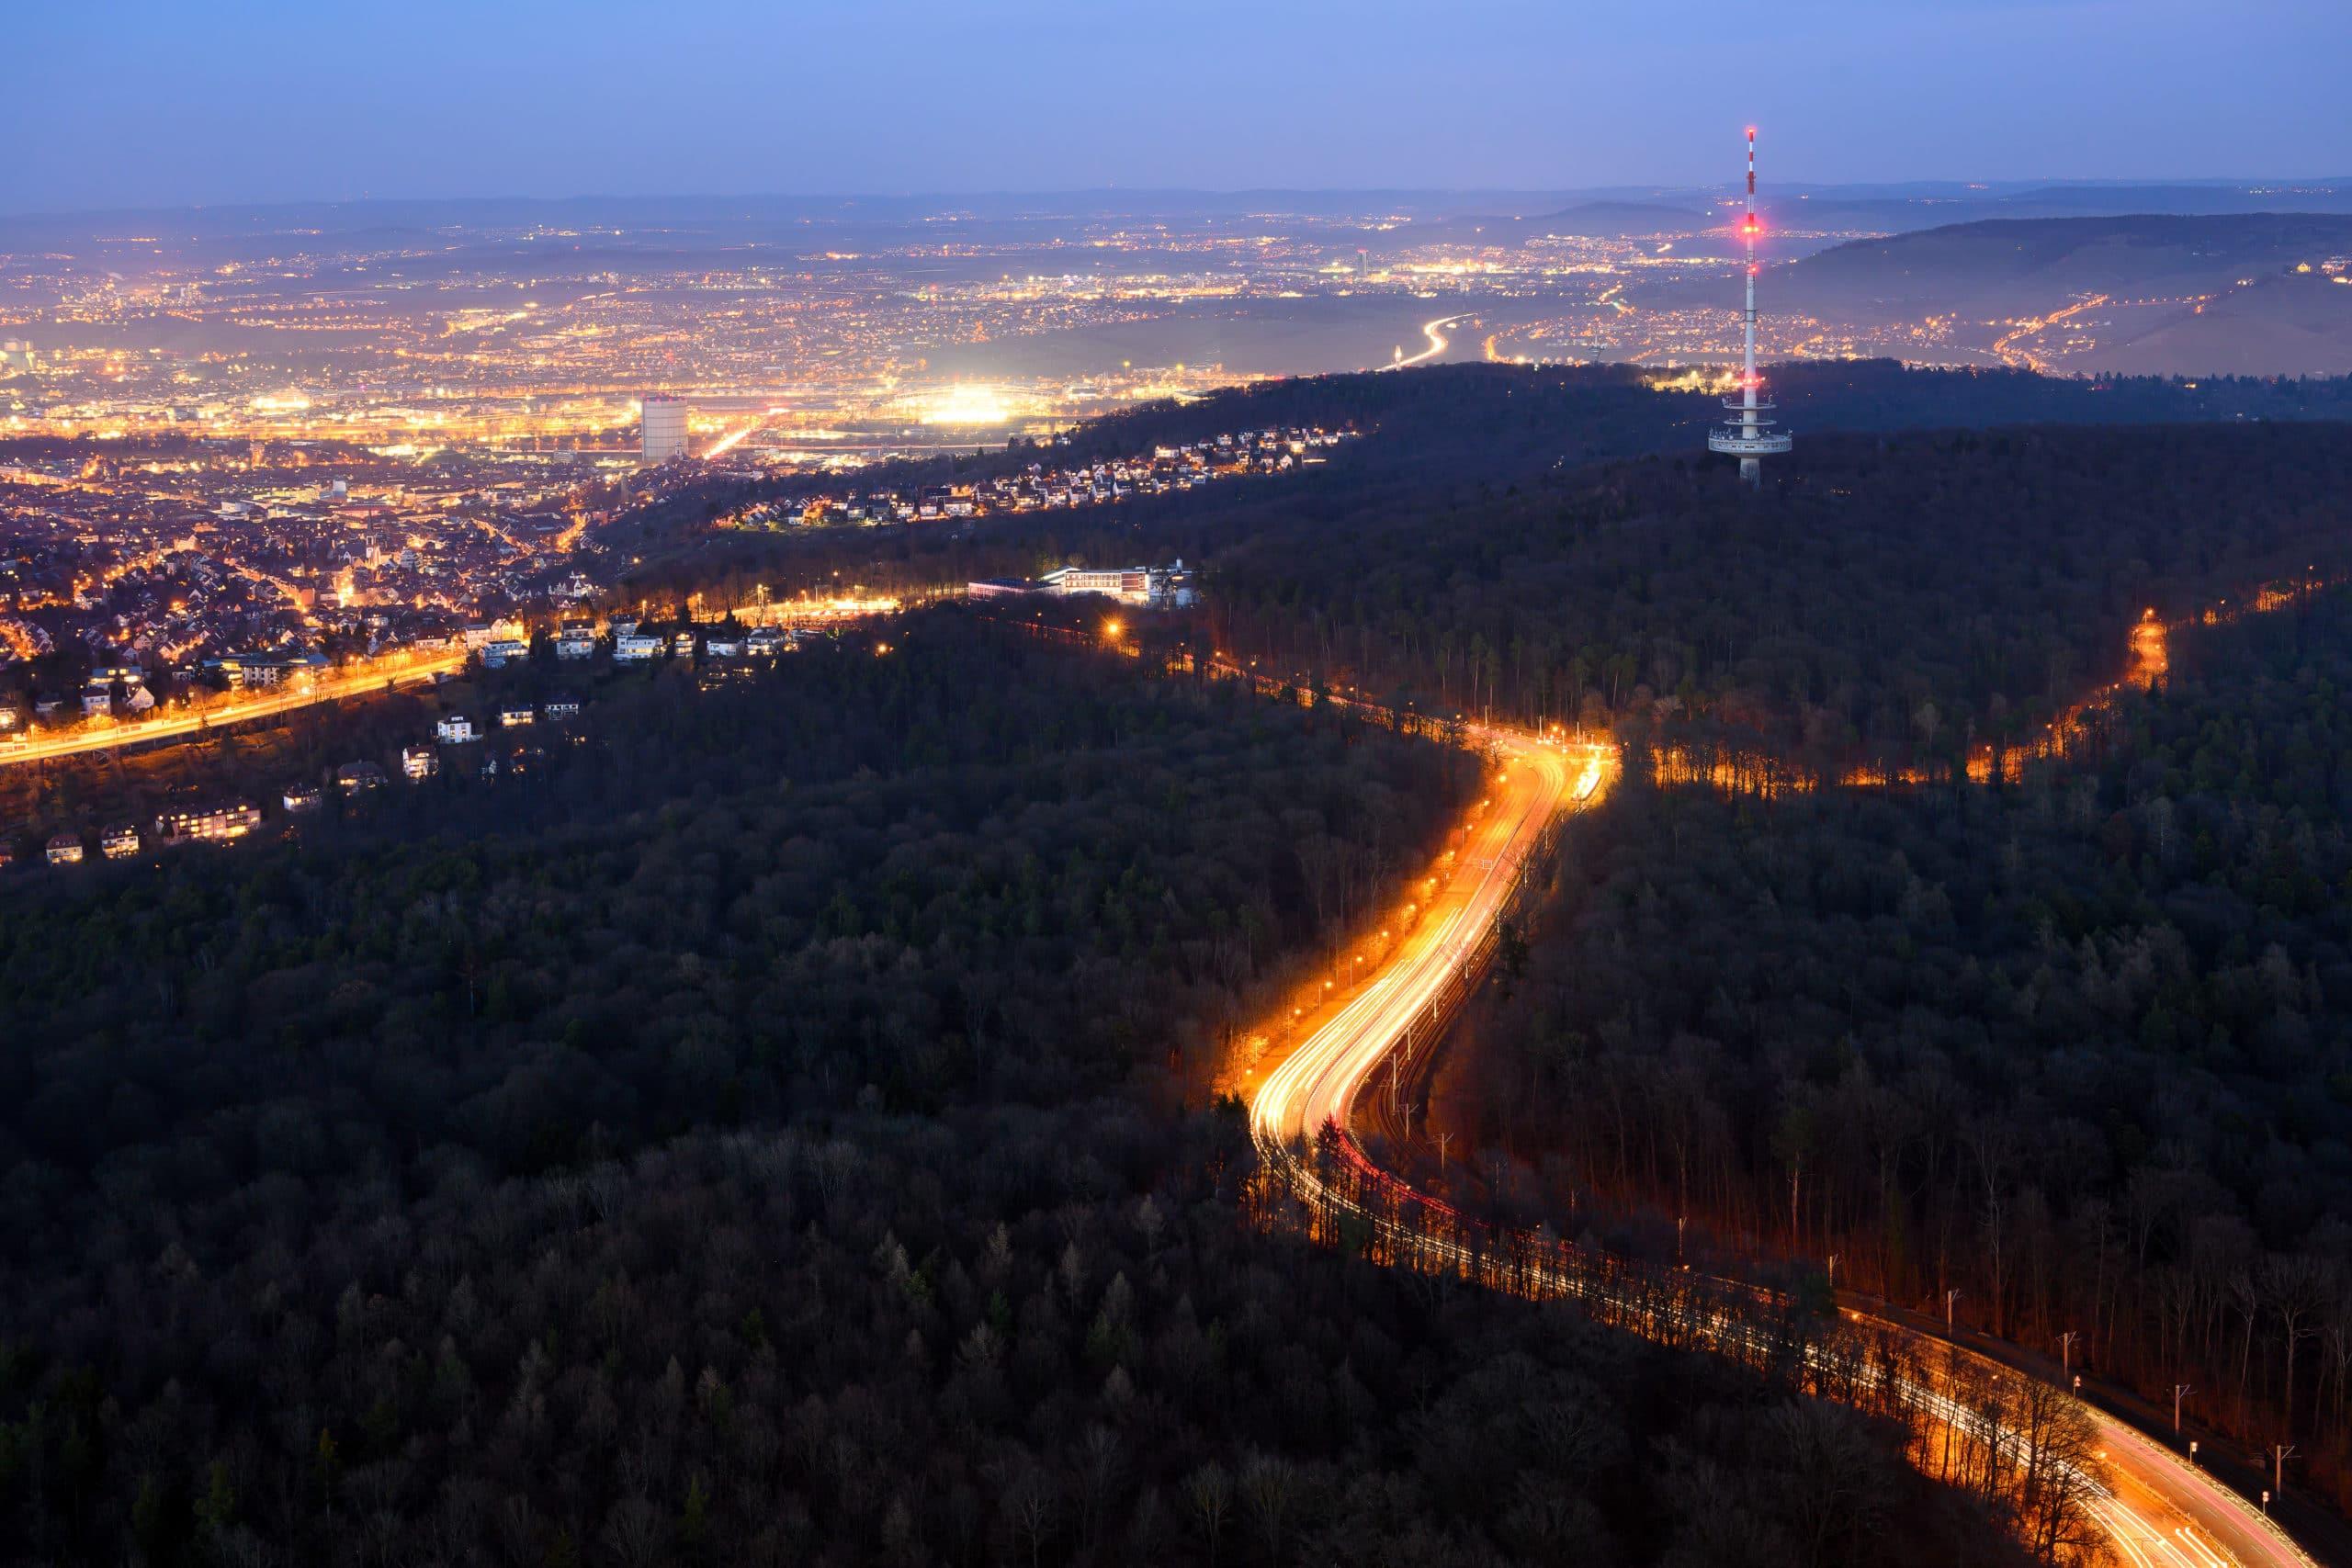 Luftaufnahme der Stadt Stuttgart bei Nacht in voller Beleuchtung |Werbefotograf in der Region Osnabrück Münster Bielefeld für Luftaufnahmen und Städtefotografie